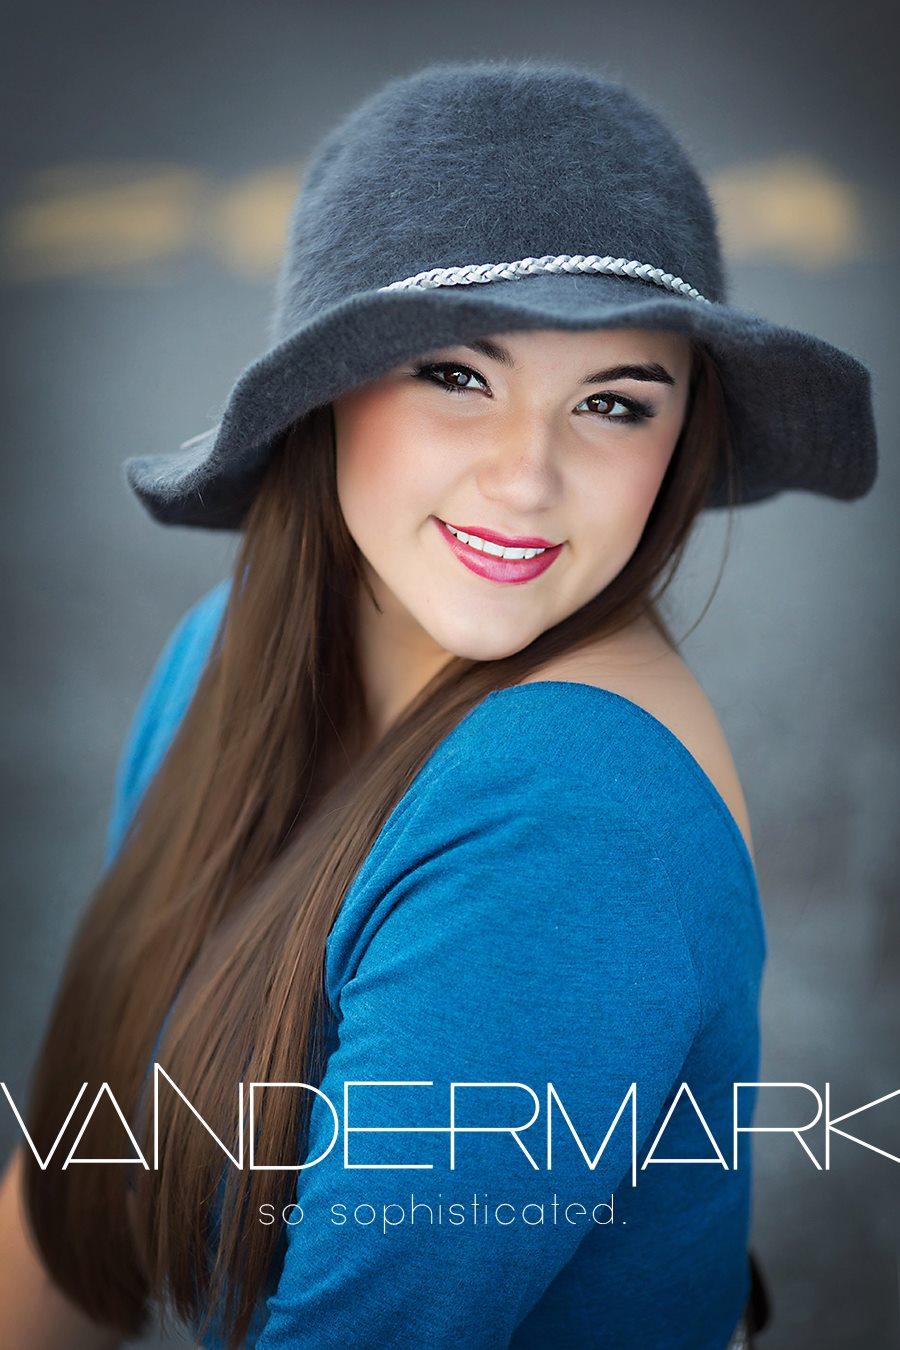 Jessica Van de Mark 0011.jpg